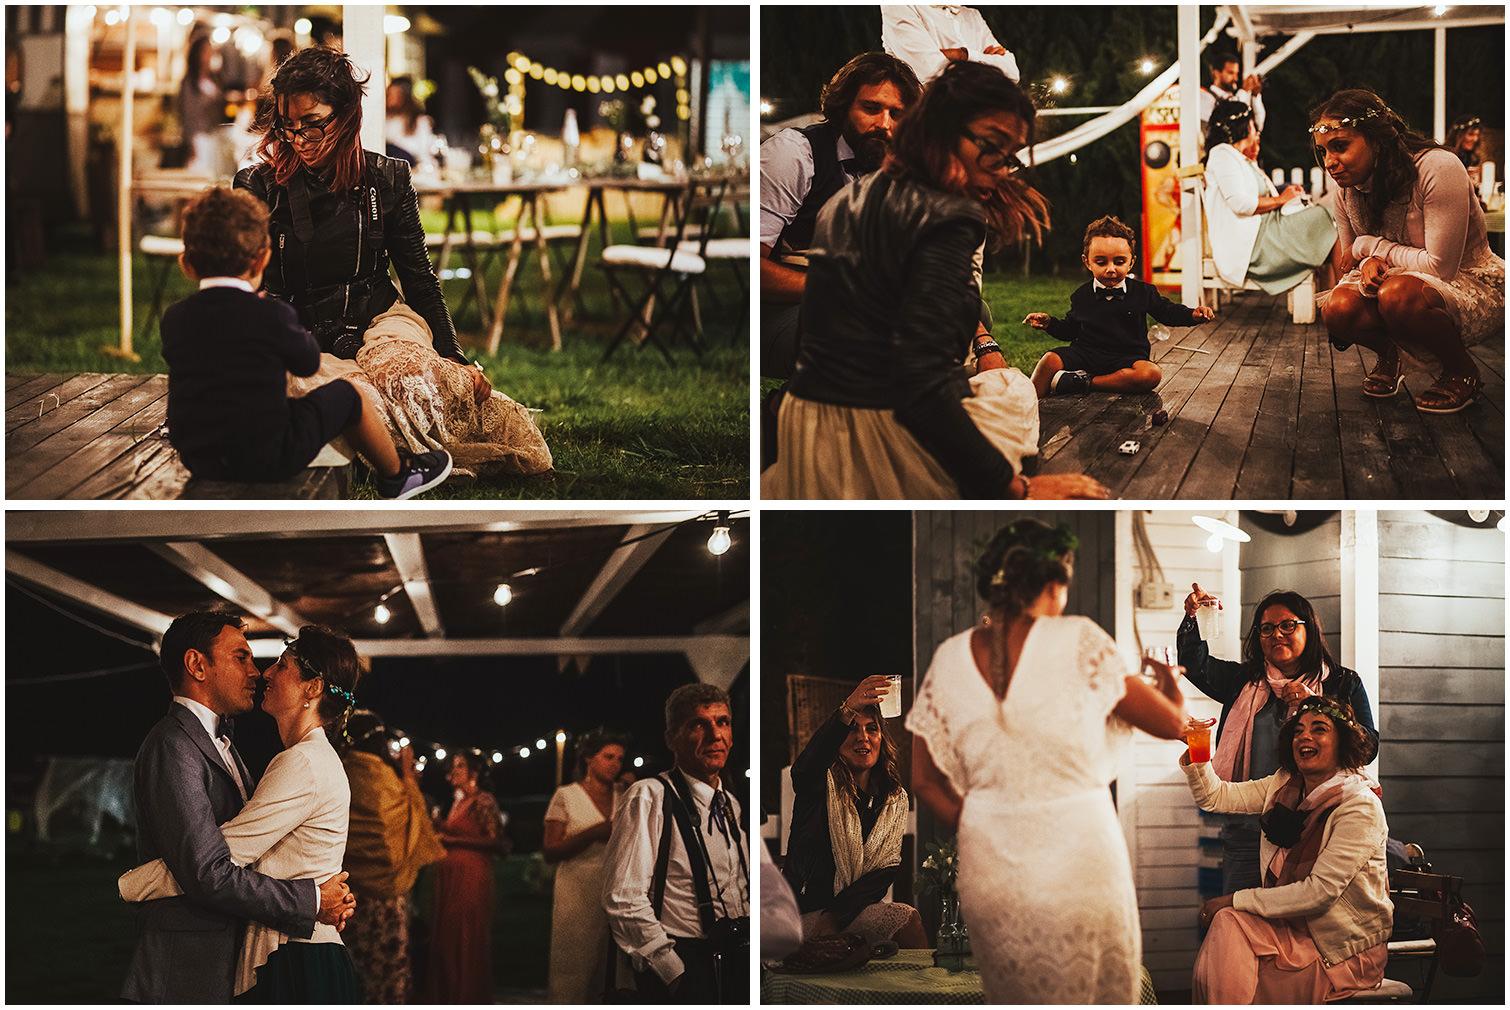 CLARA-RICCARDO-MATRIMONIO-CIRCO-VOLAVOILA-ROMA-SARA-LORENZONI-WEDDING-PHOTOGRAPHY-079